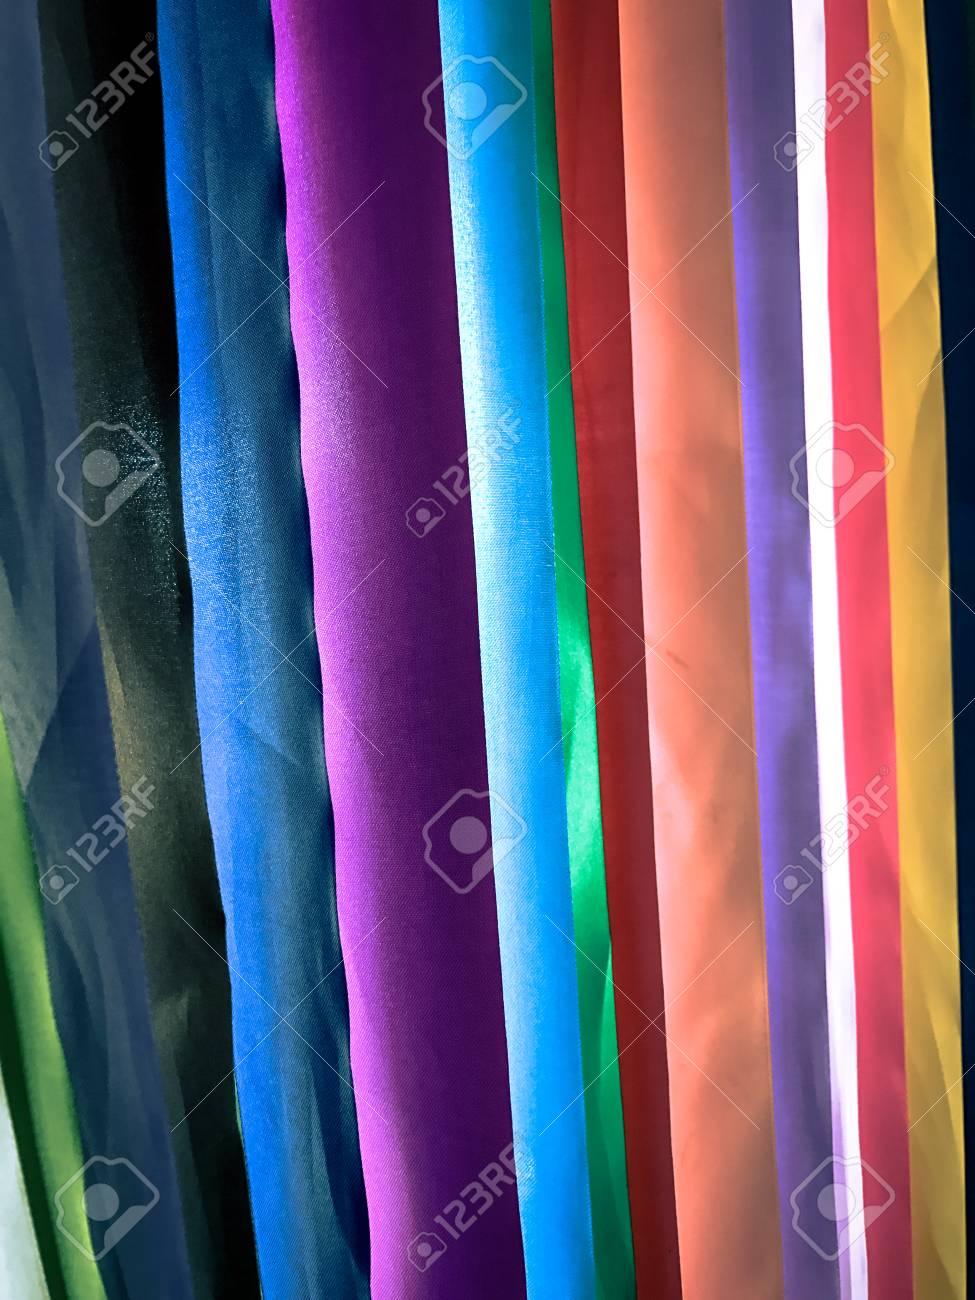 Bunte Stoffe Textur Hintergrund Lizenzfreie Fotos Bilder Und Stock